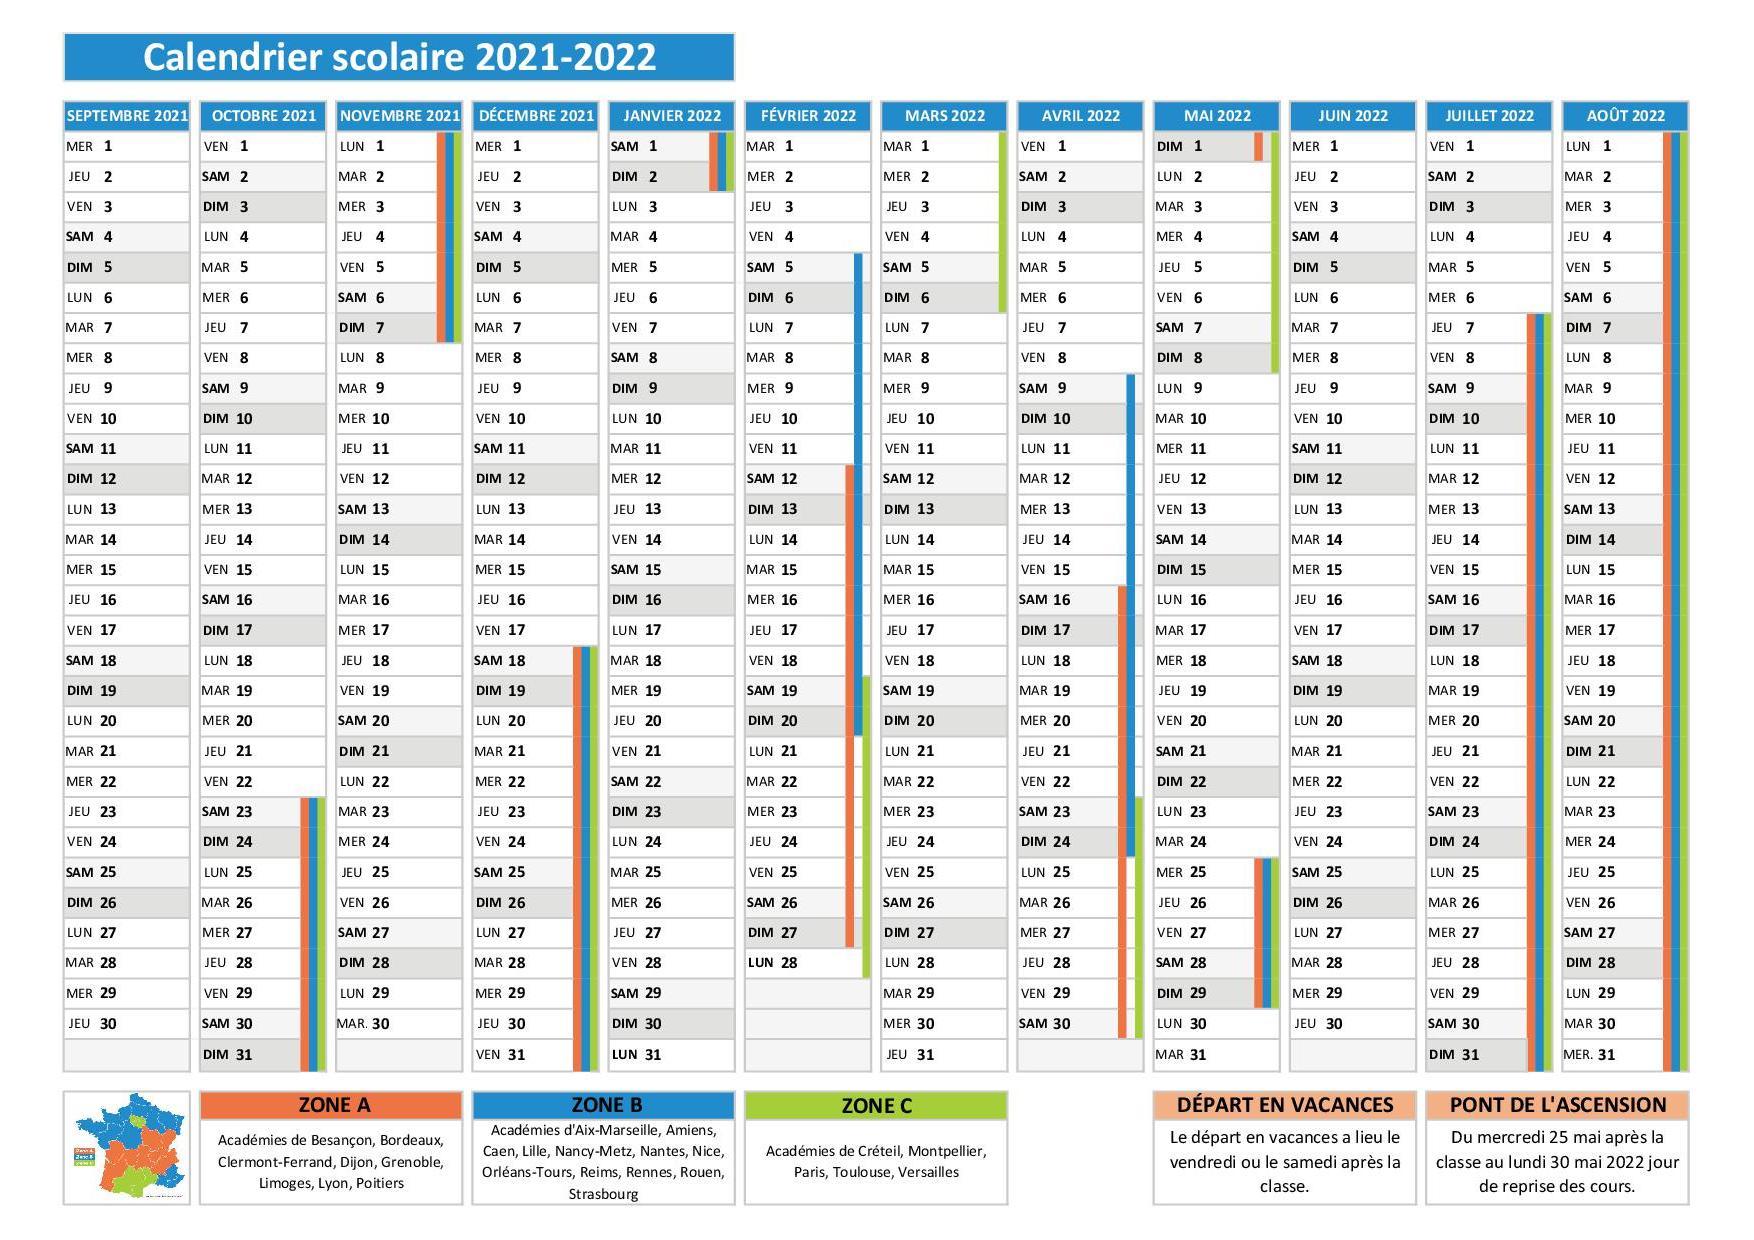 Calendrier 2021 Scolaire 2022 Zone B